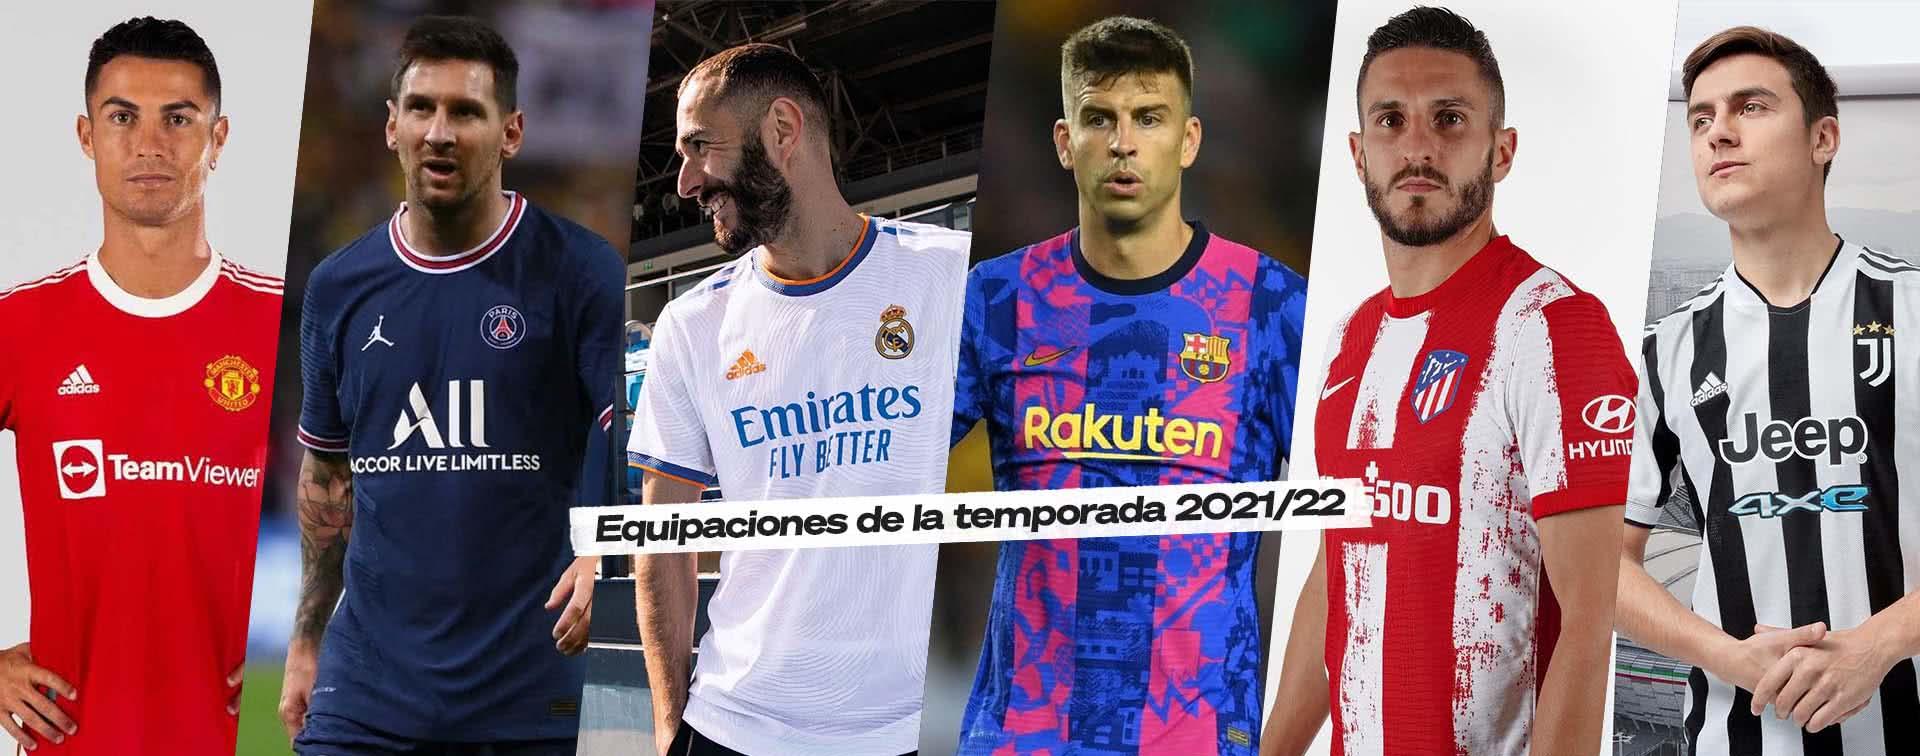 Equipaciones 2021/22